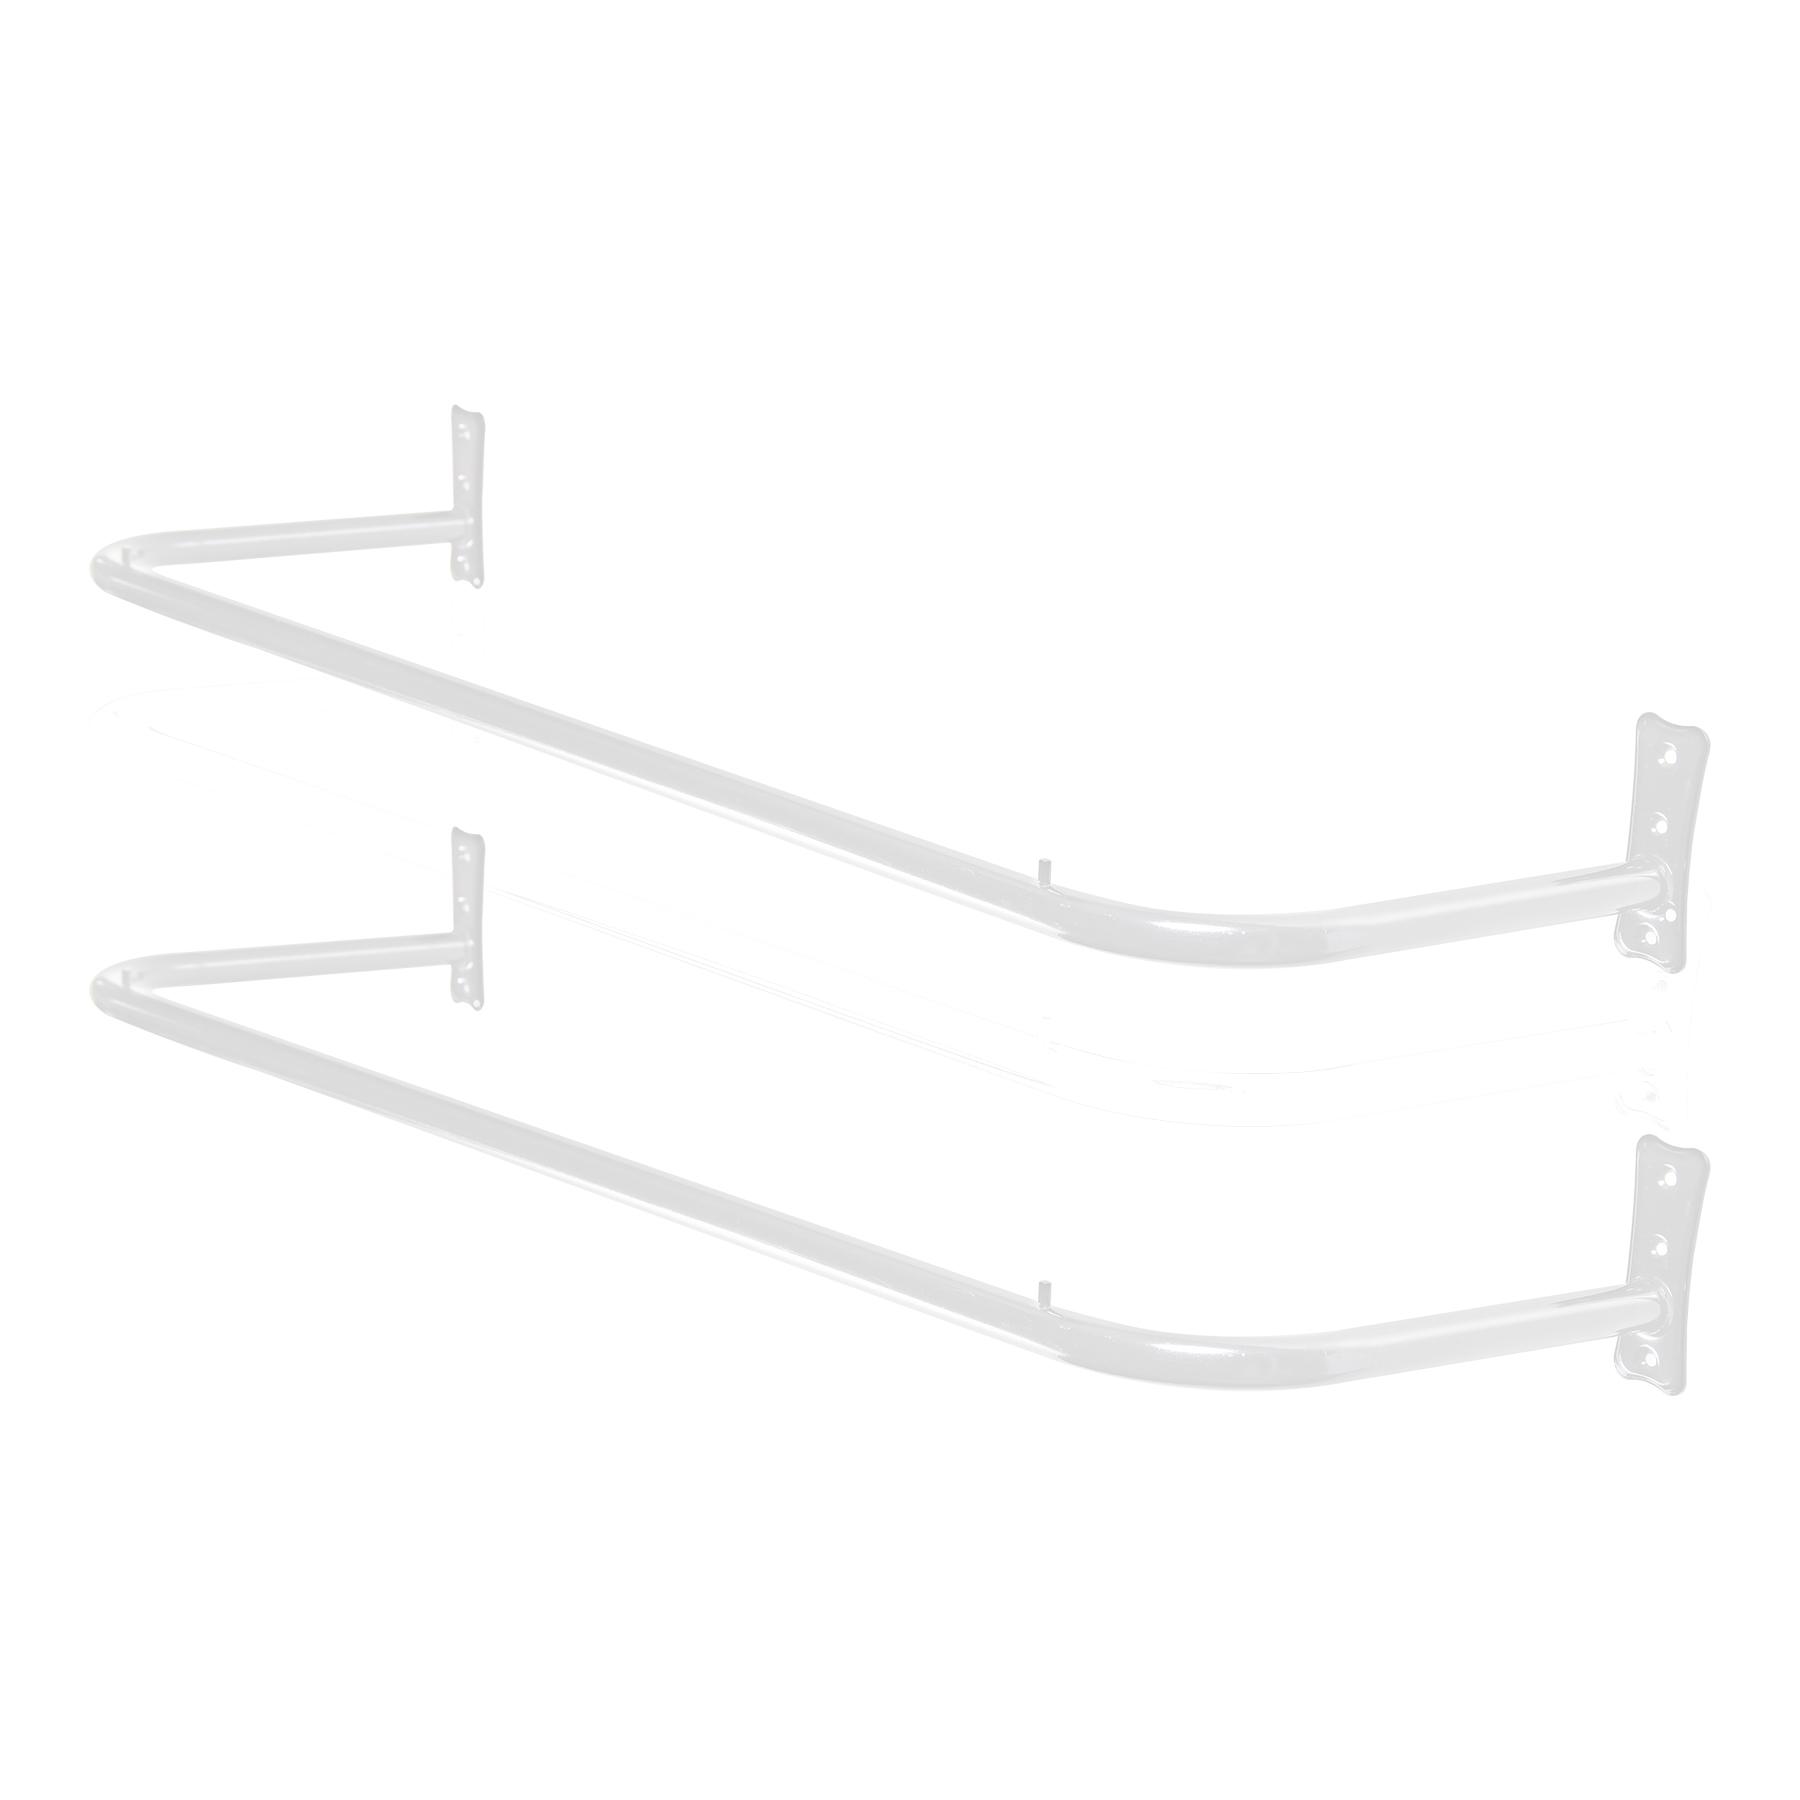 Kit Arara Fixa de Parede 1,20mt - 2 Unidades